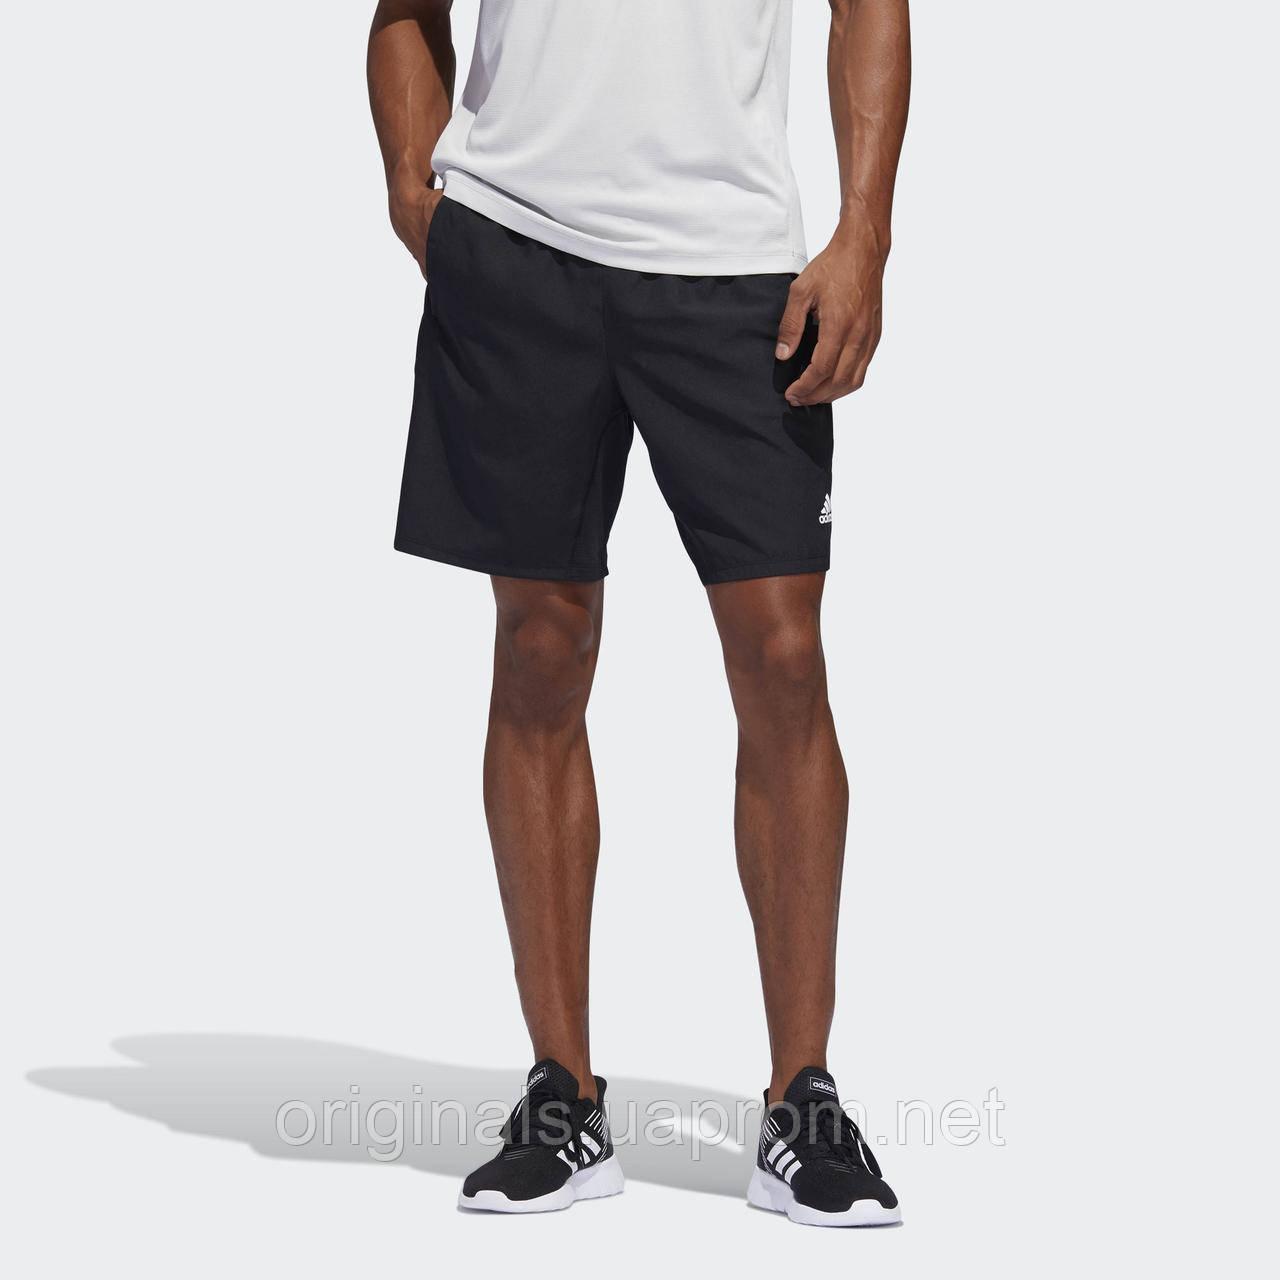 Спортивные шорты Adidas 4KRFT Sport Woven DU1577